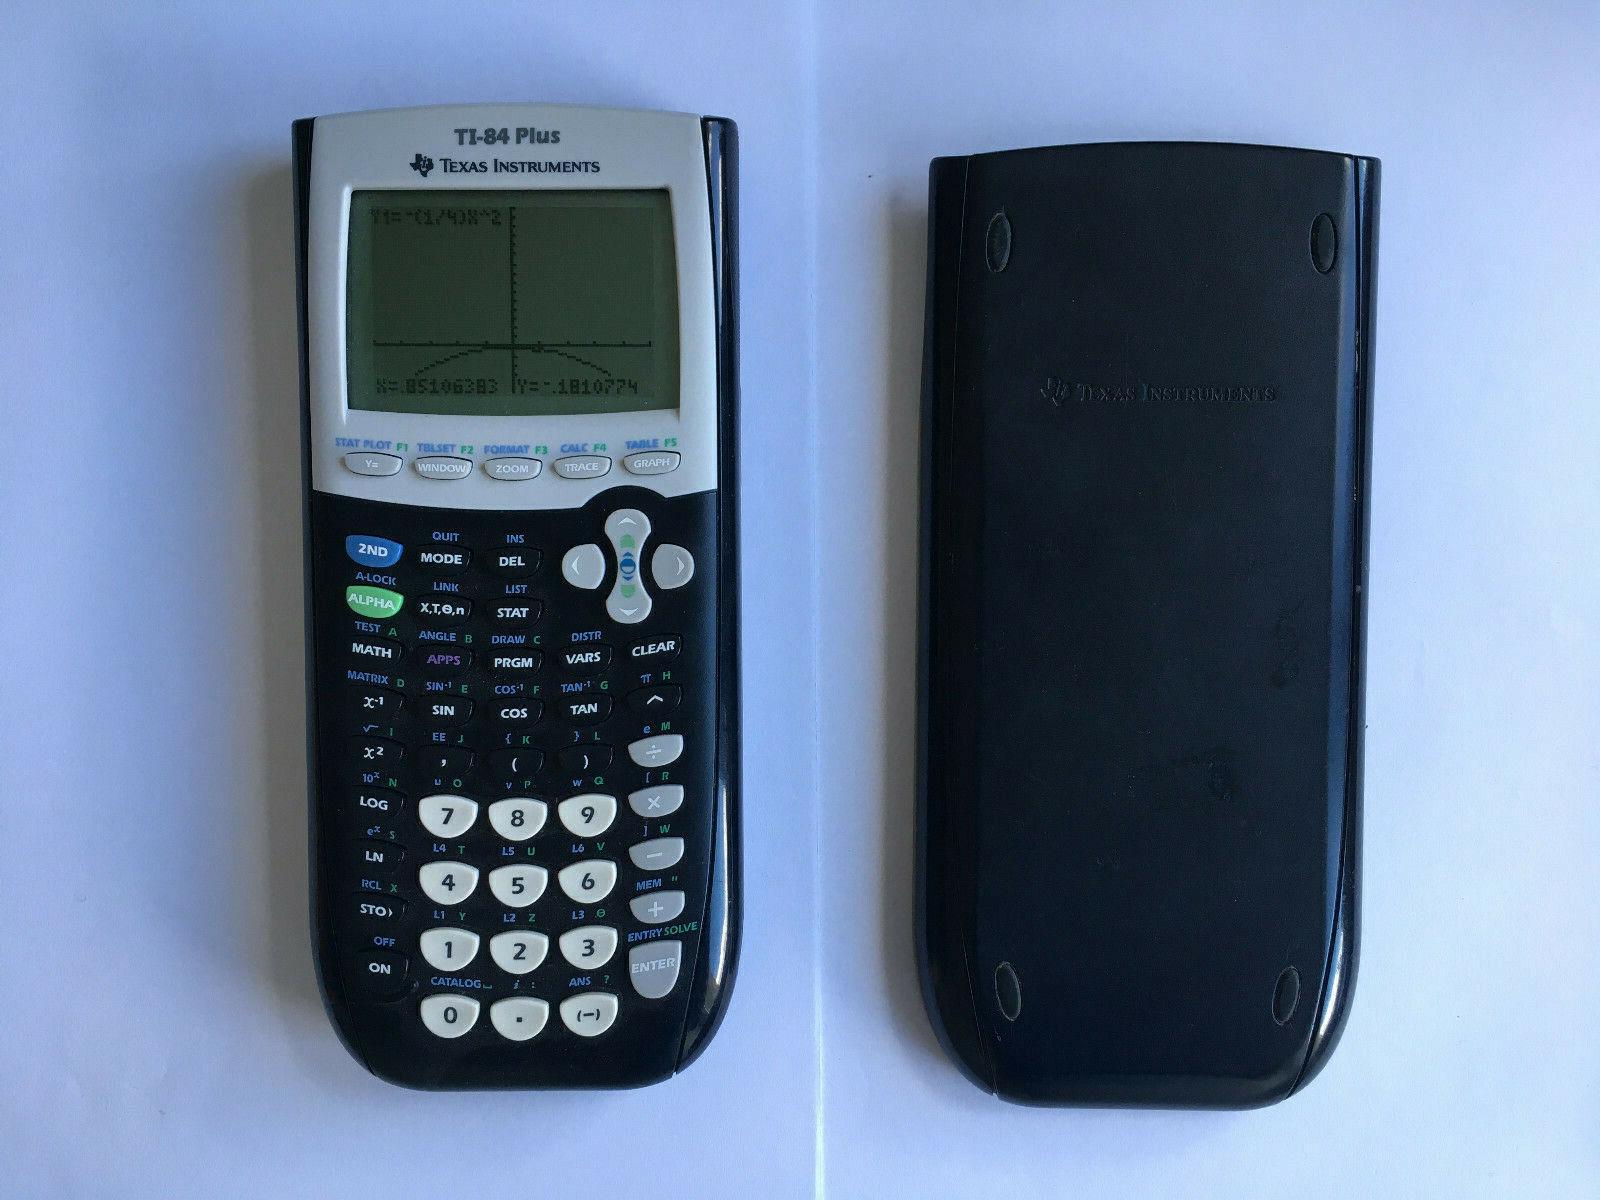 Grafik Taschenrechner TI-84 Plus von Texas Instruments (Gebraucht)